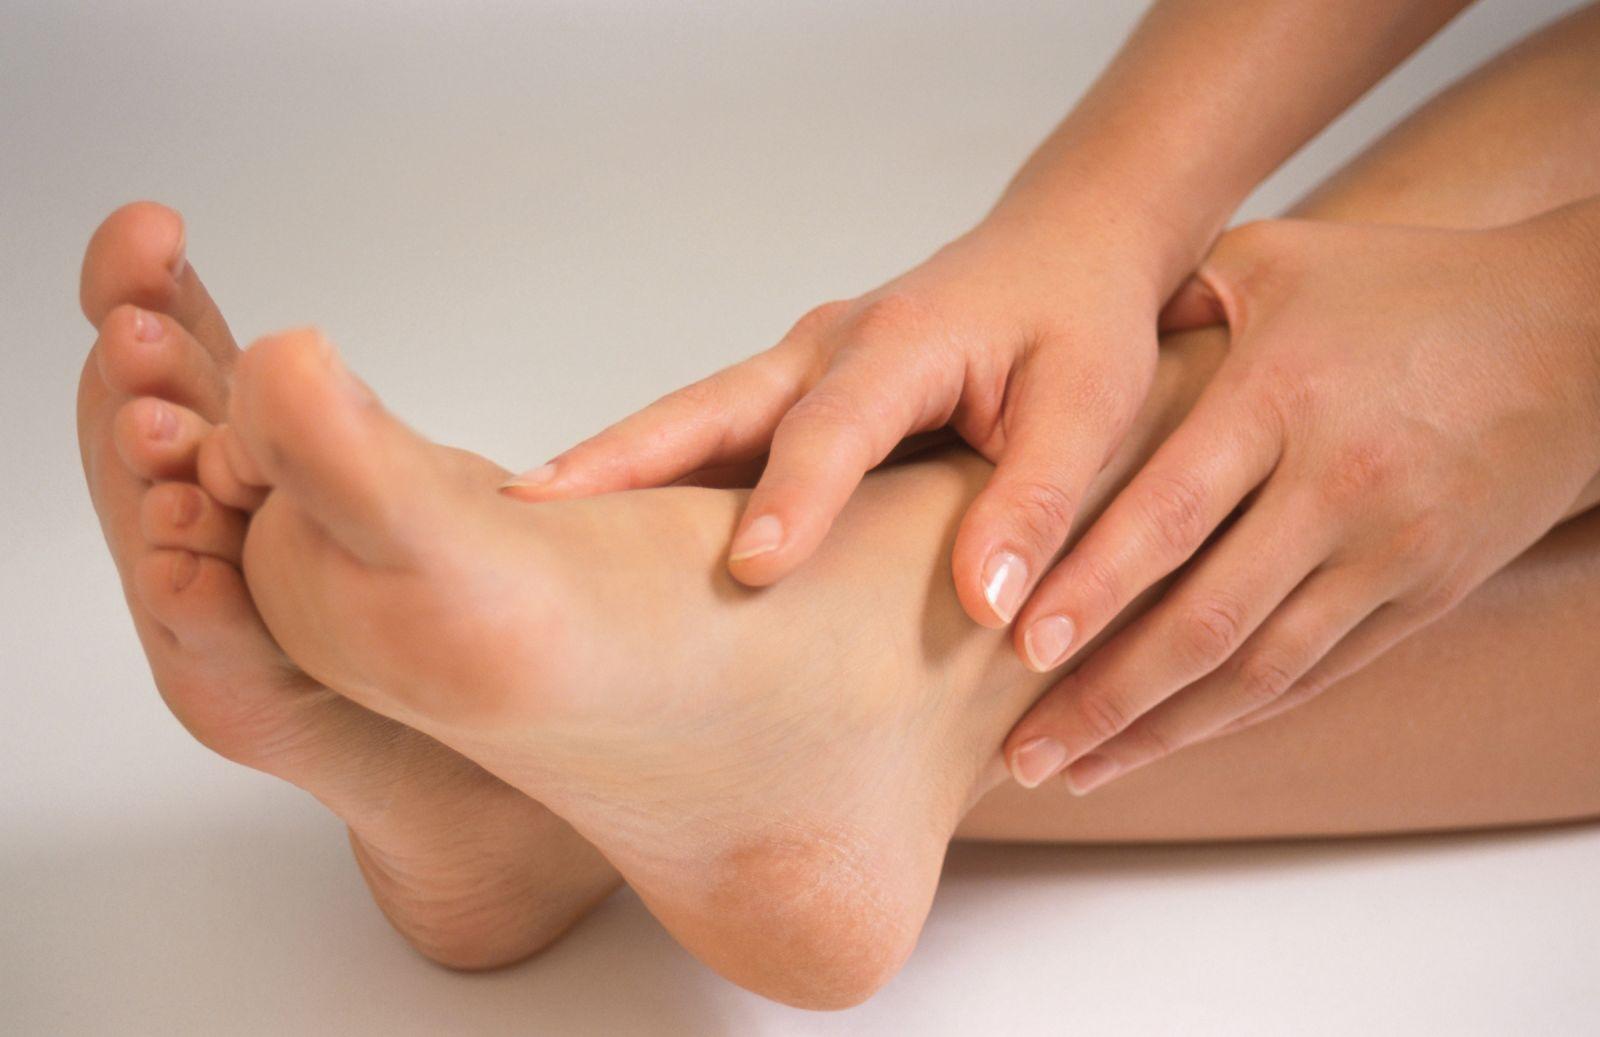 Натоптыши на ногах: как удалить, причины появления, как избавиться в домашних условиях